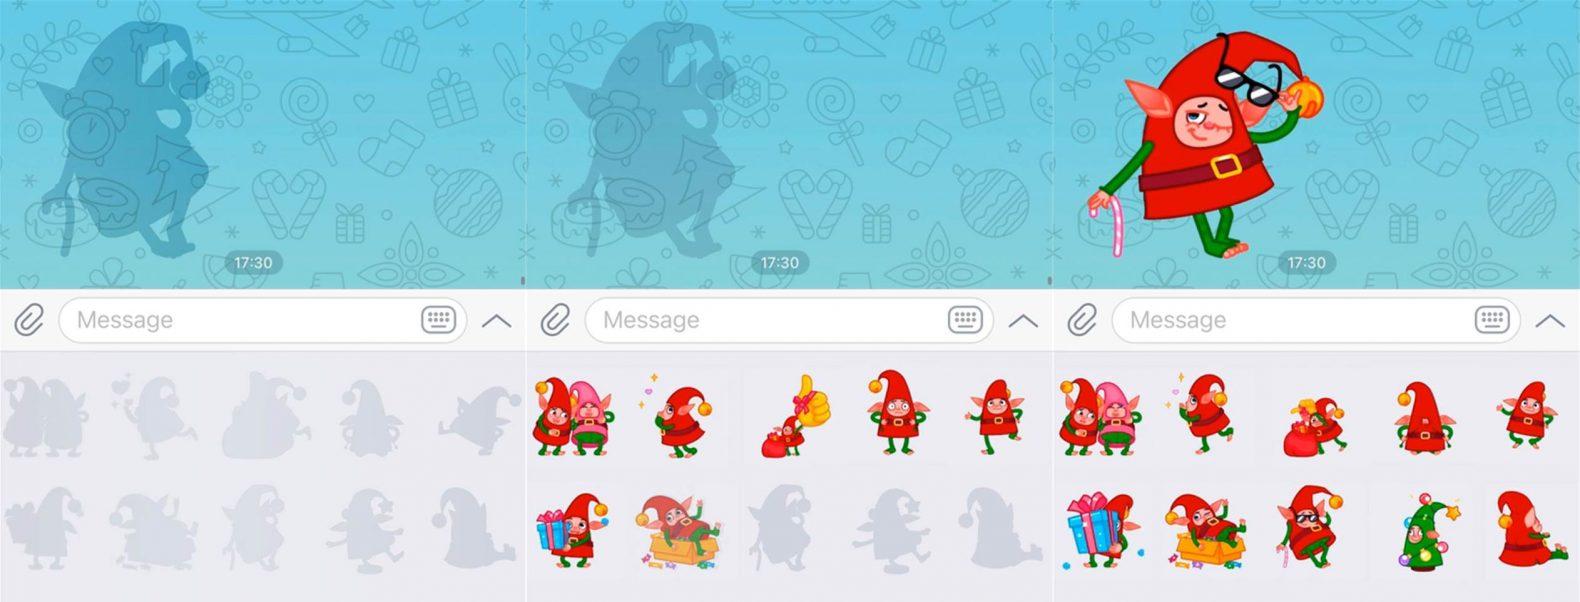 Novedades de Telegram v7.3 contorno de stickers